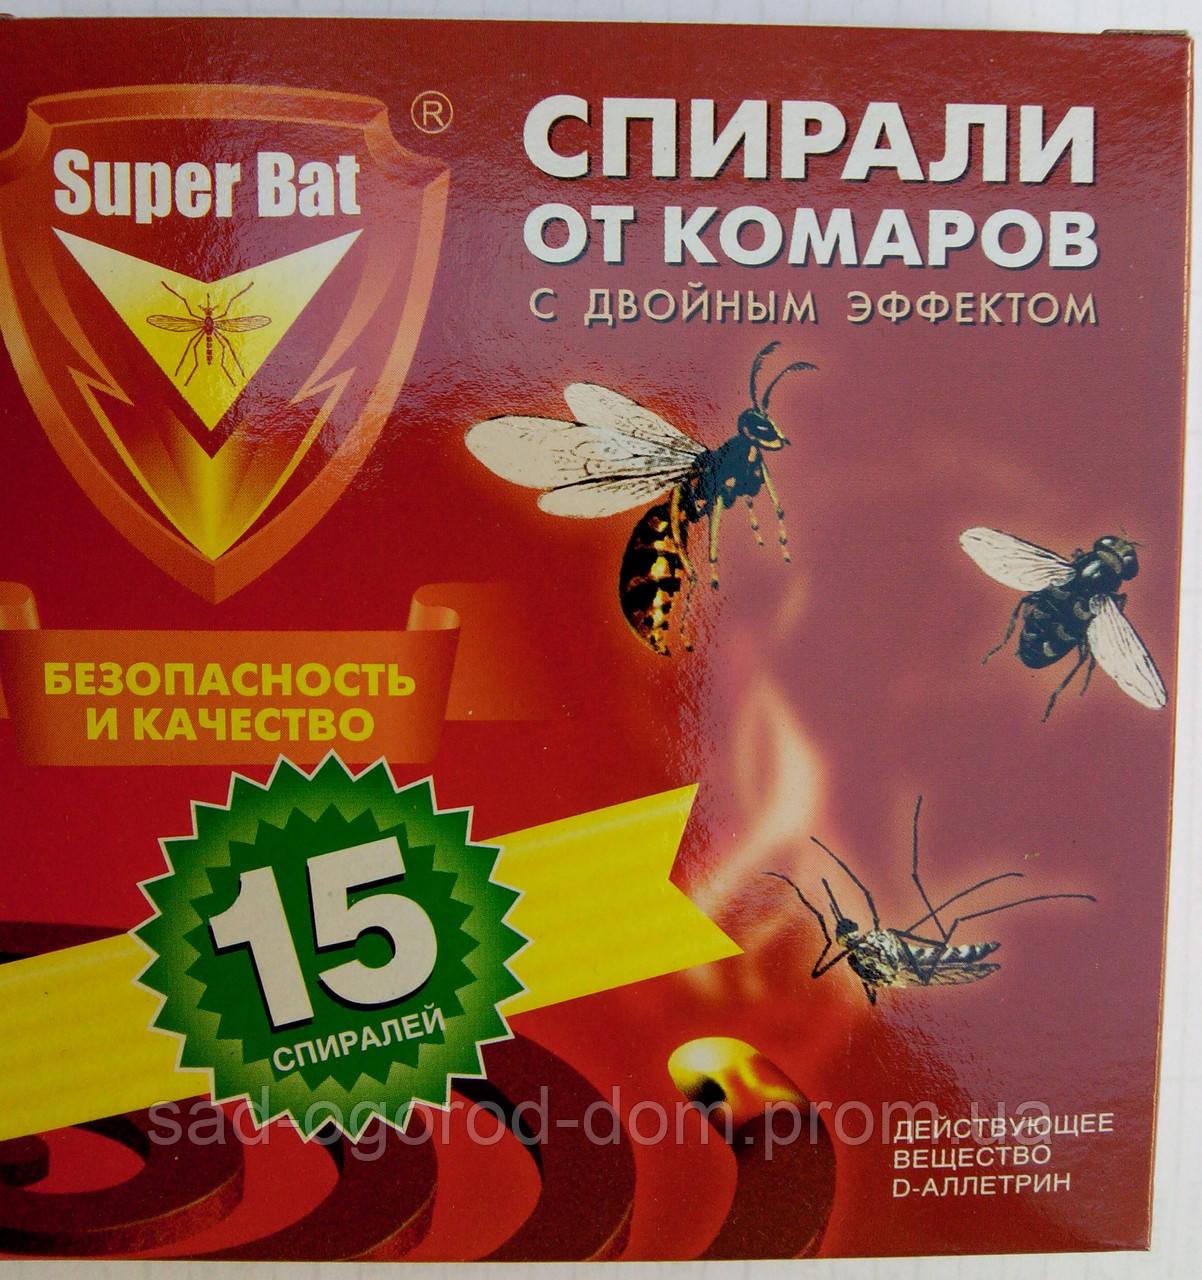 Спираль от комаров с двойным эффектом SUPER BAT 15шт.